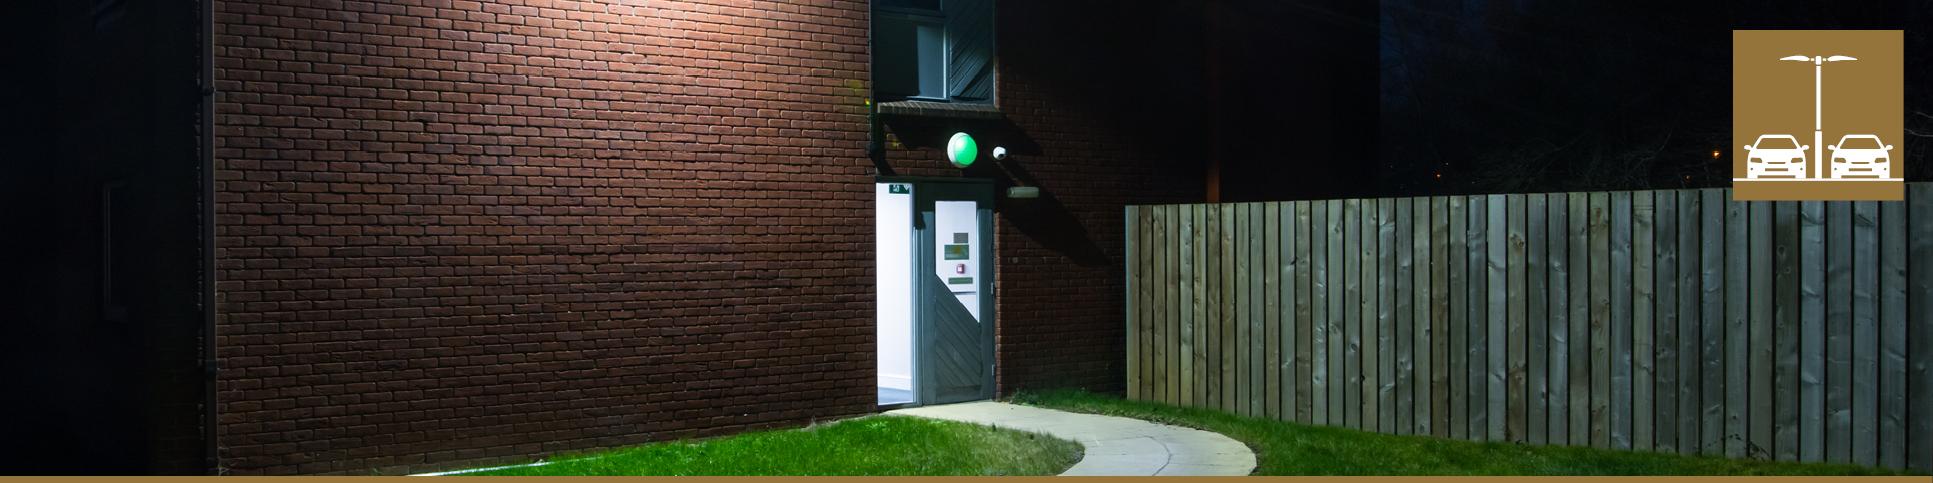 Lighting for Emergency